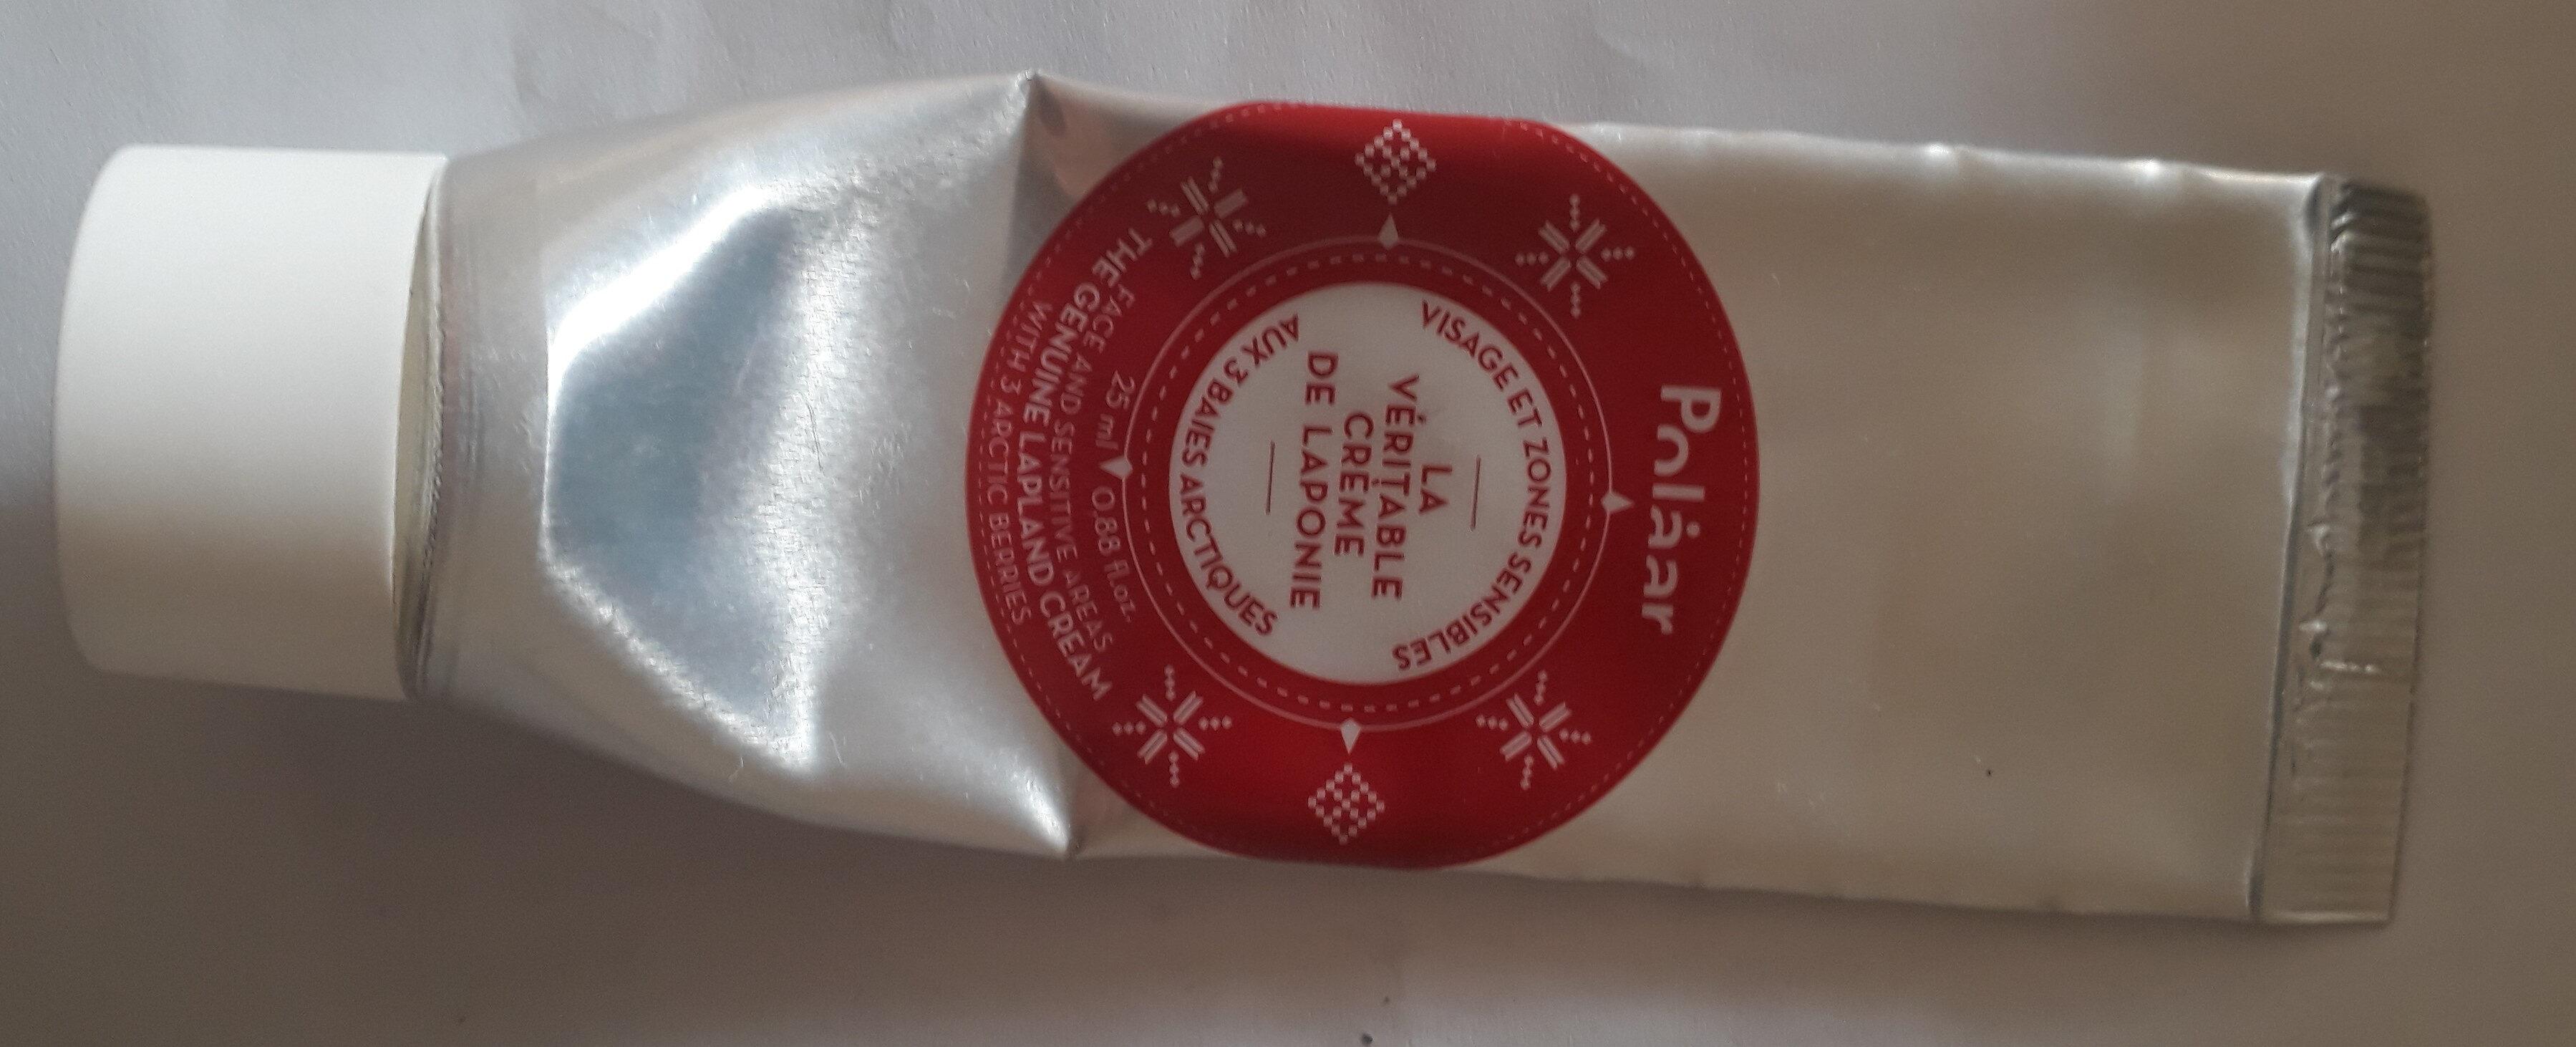 La véritable crème de Laponie - Produit - fr